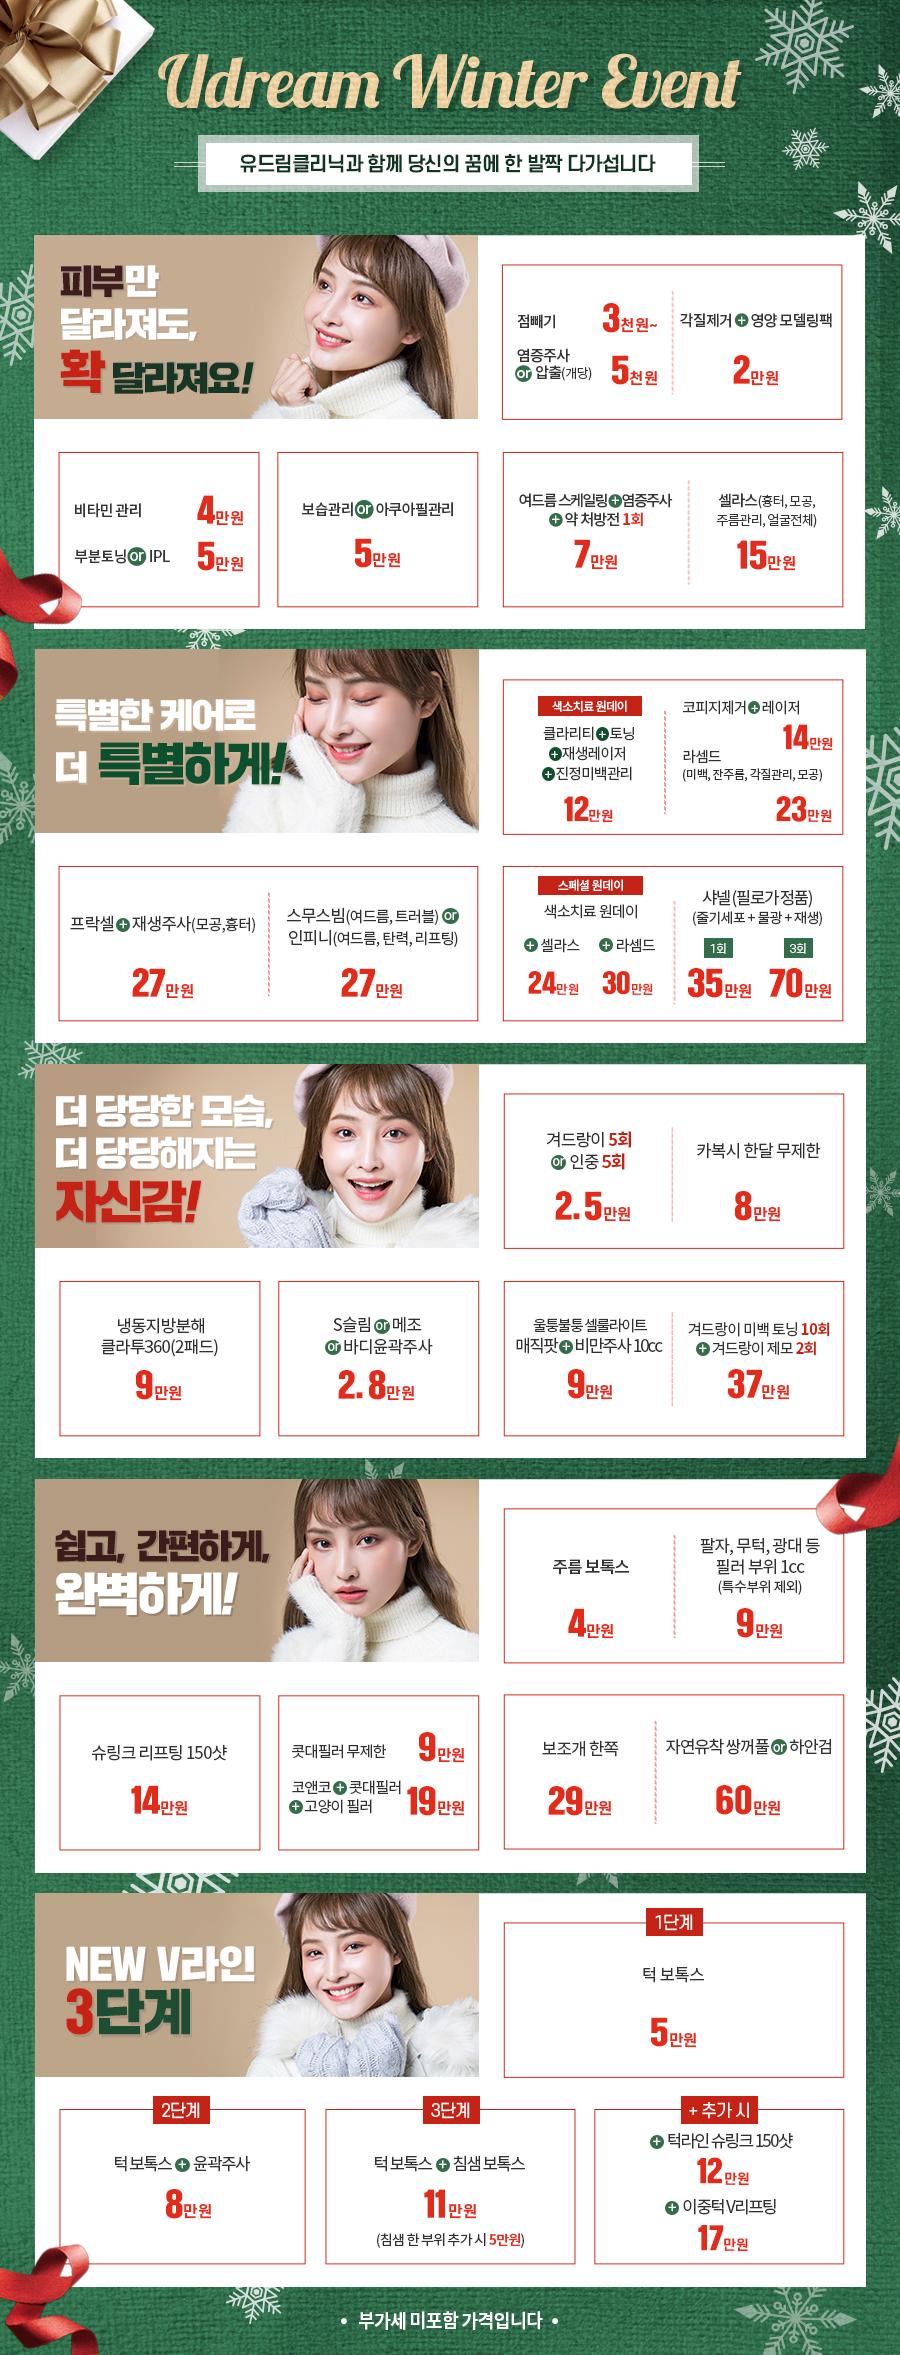 201201_유드림의원_겨울이벤트페이지.jpg